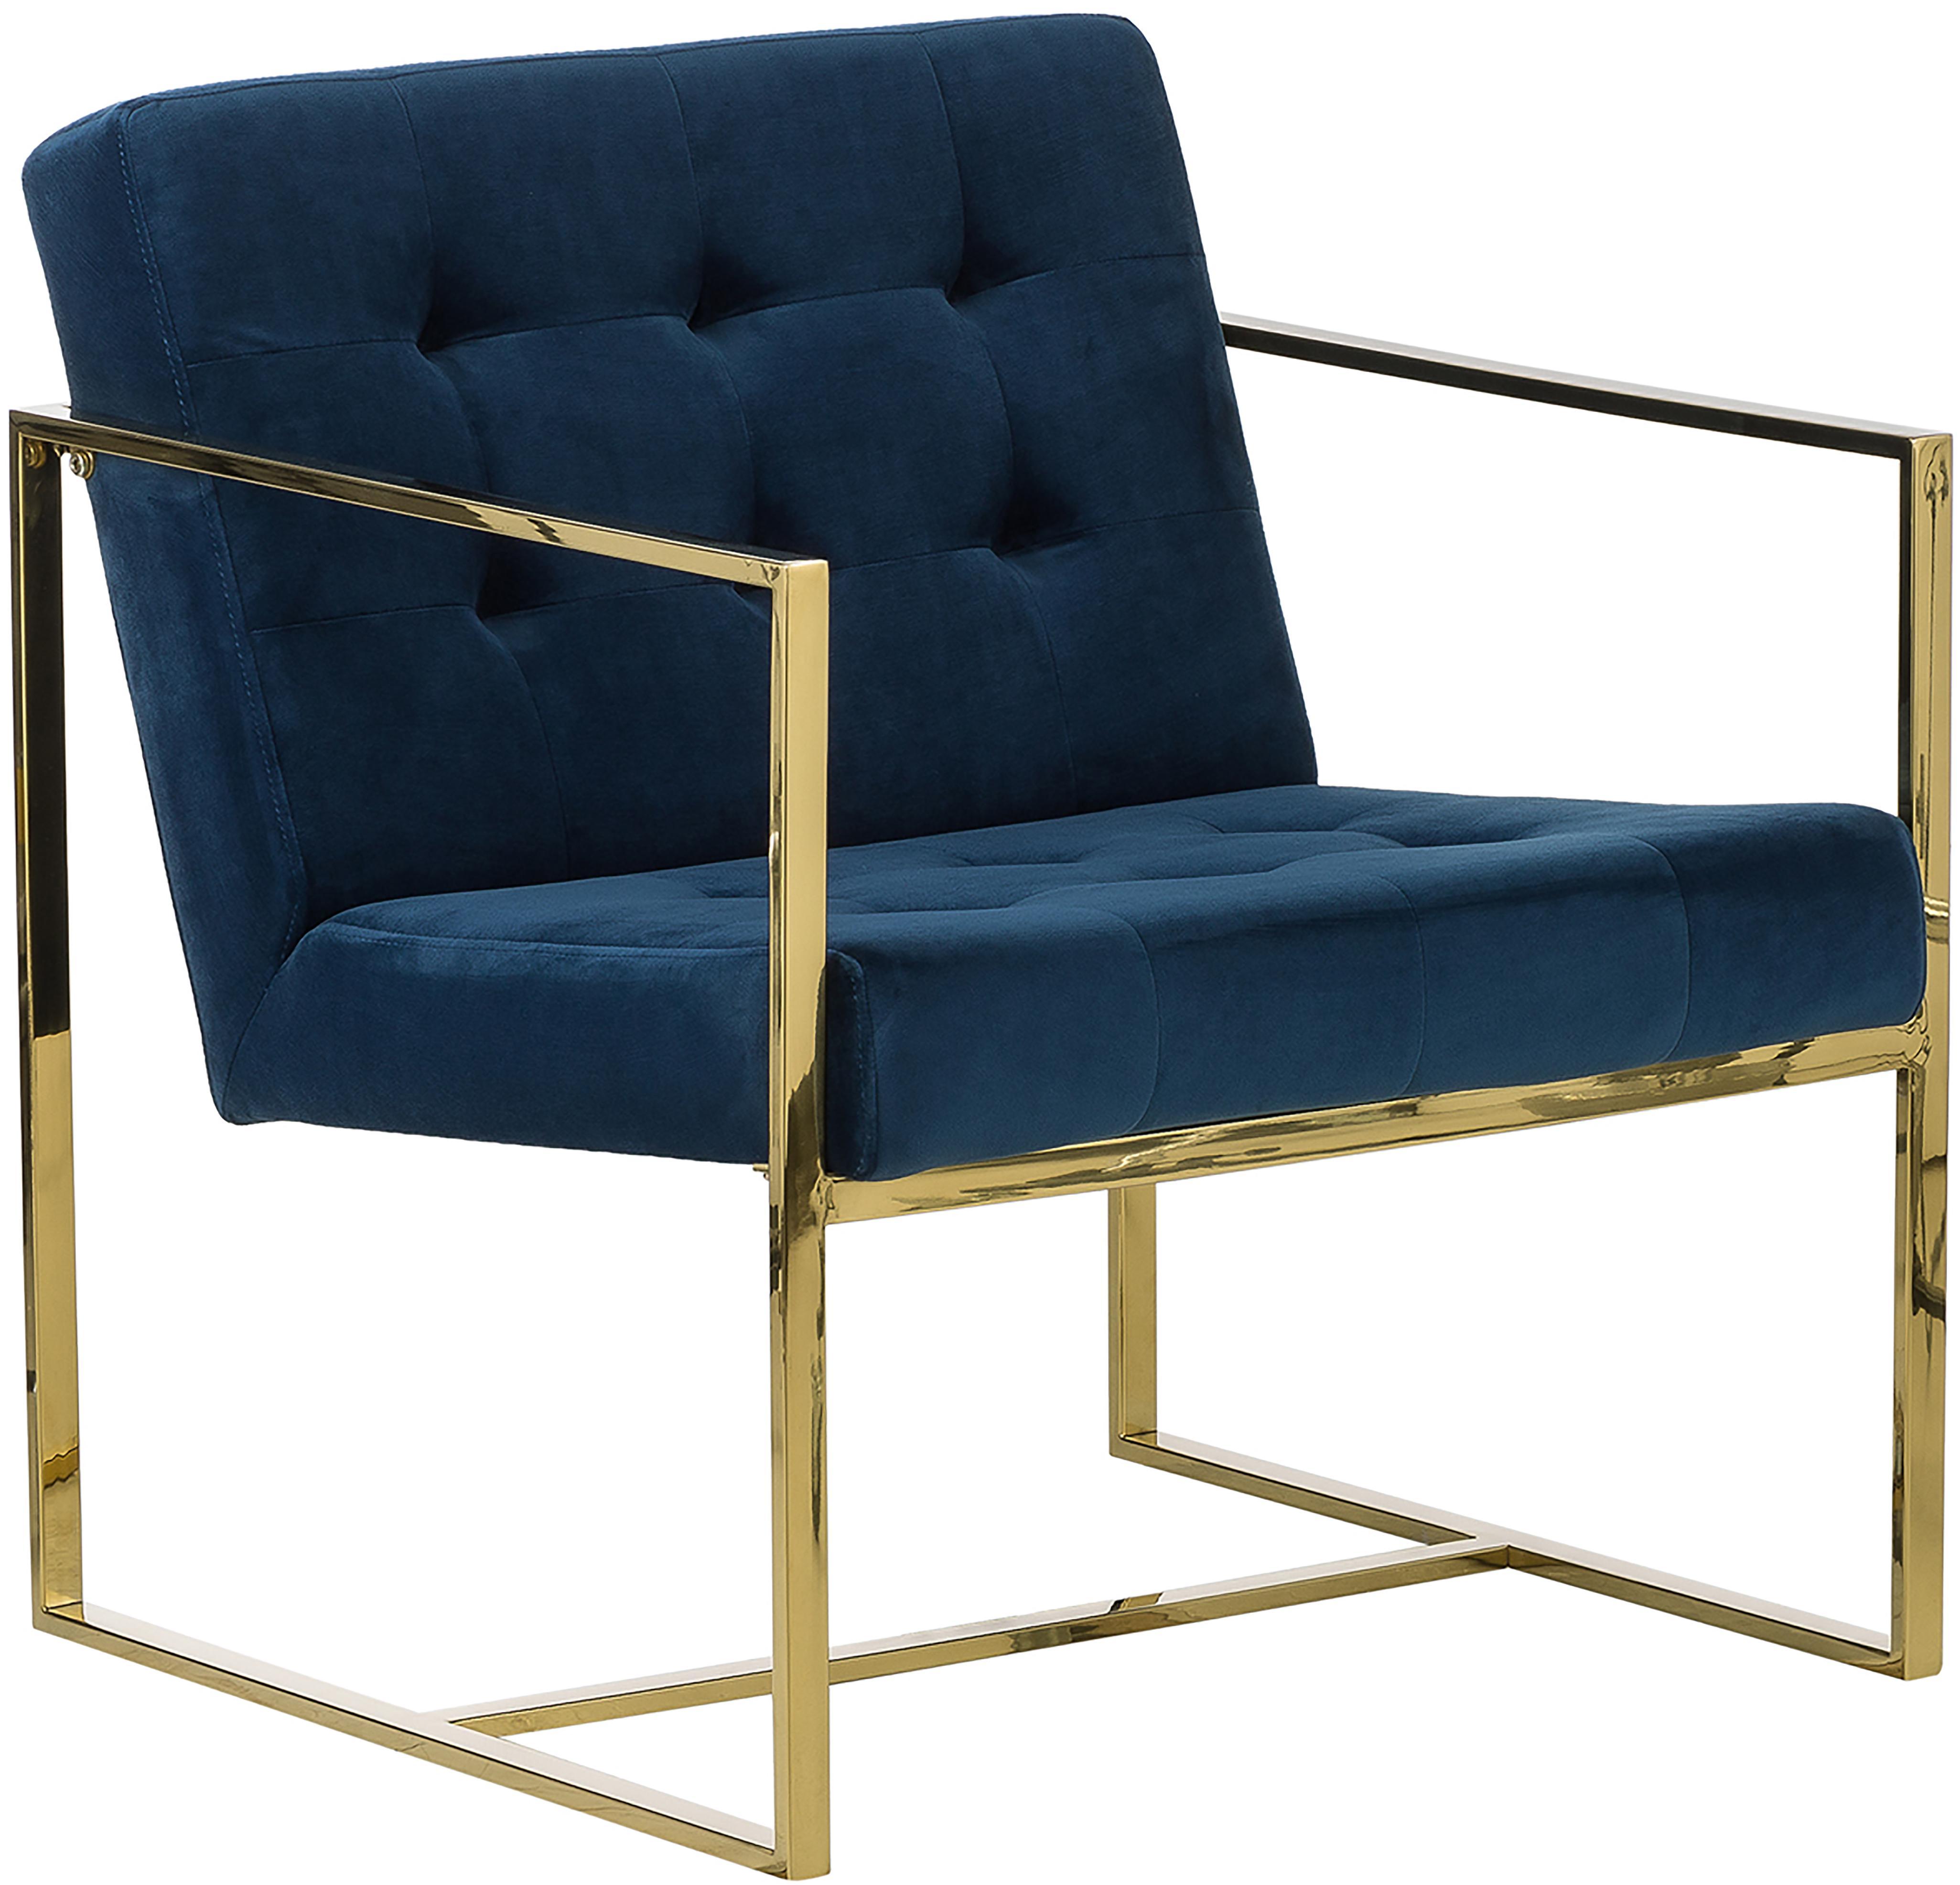 Sillón de terciopelo Manhattan, Tapizado: terciopelo (poliéster), Estructura: metal, recubierto, Terciopelo azul oscuro, An 70 x F 72 cm